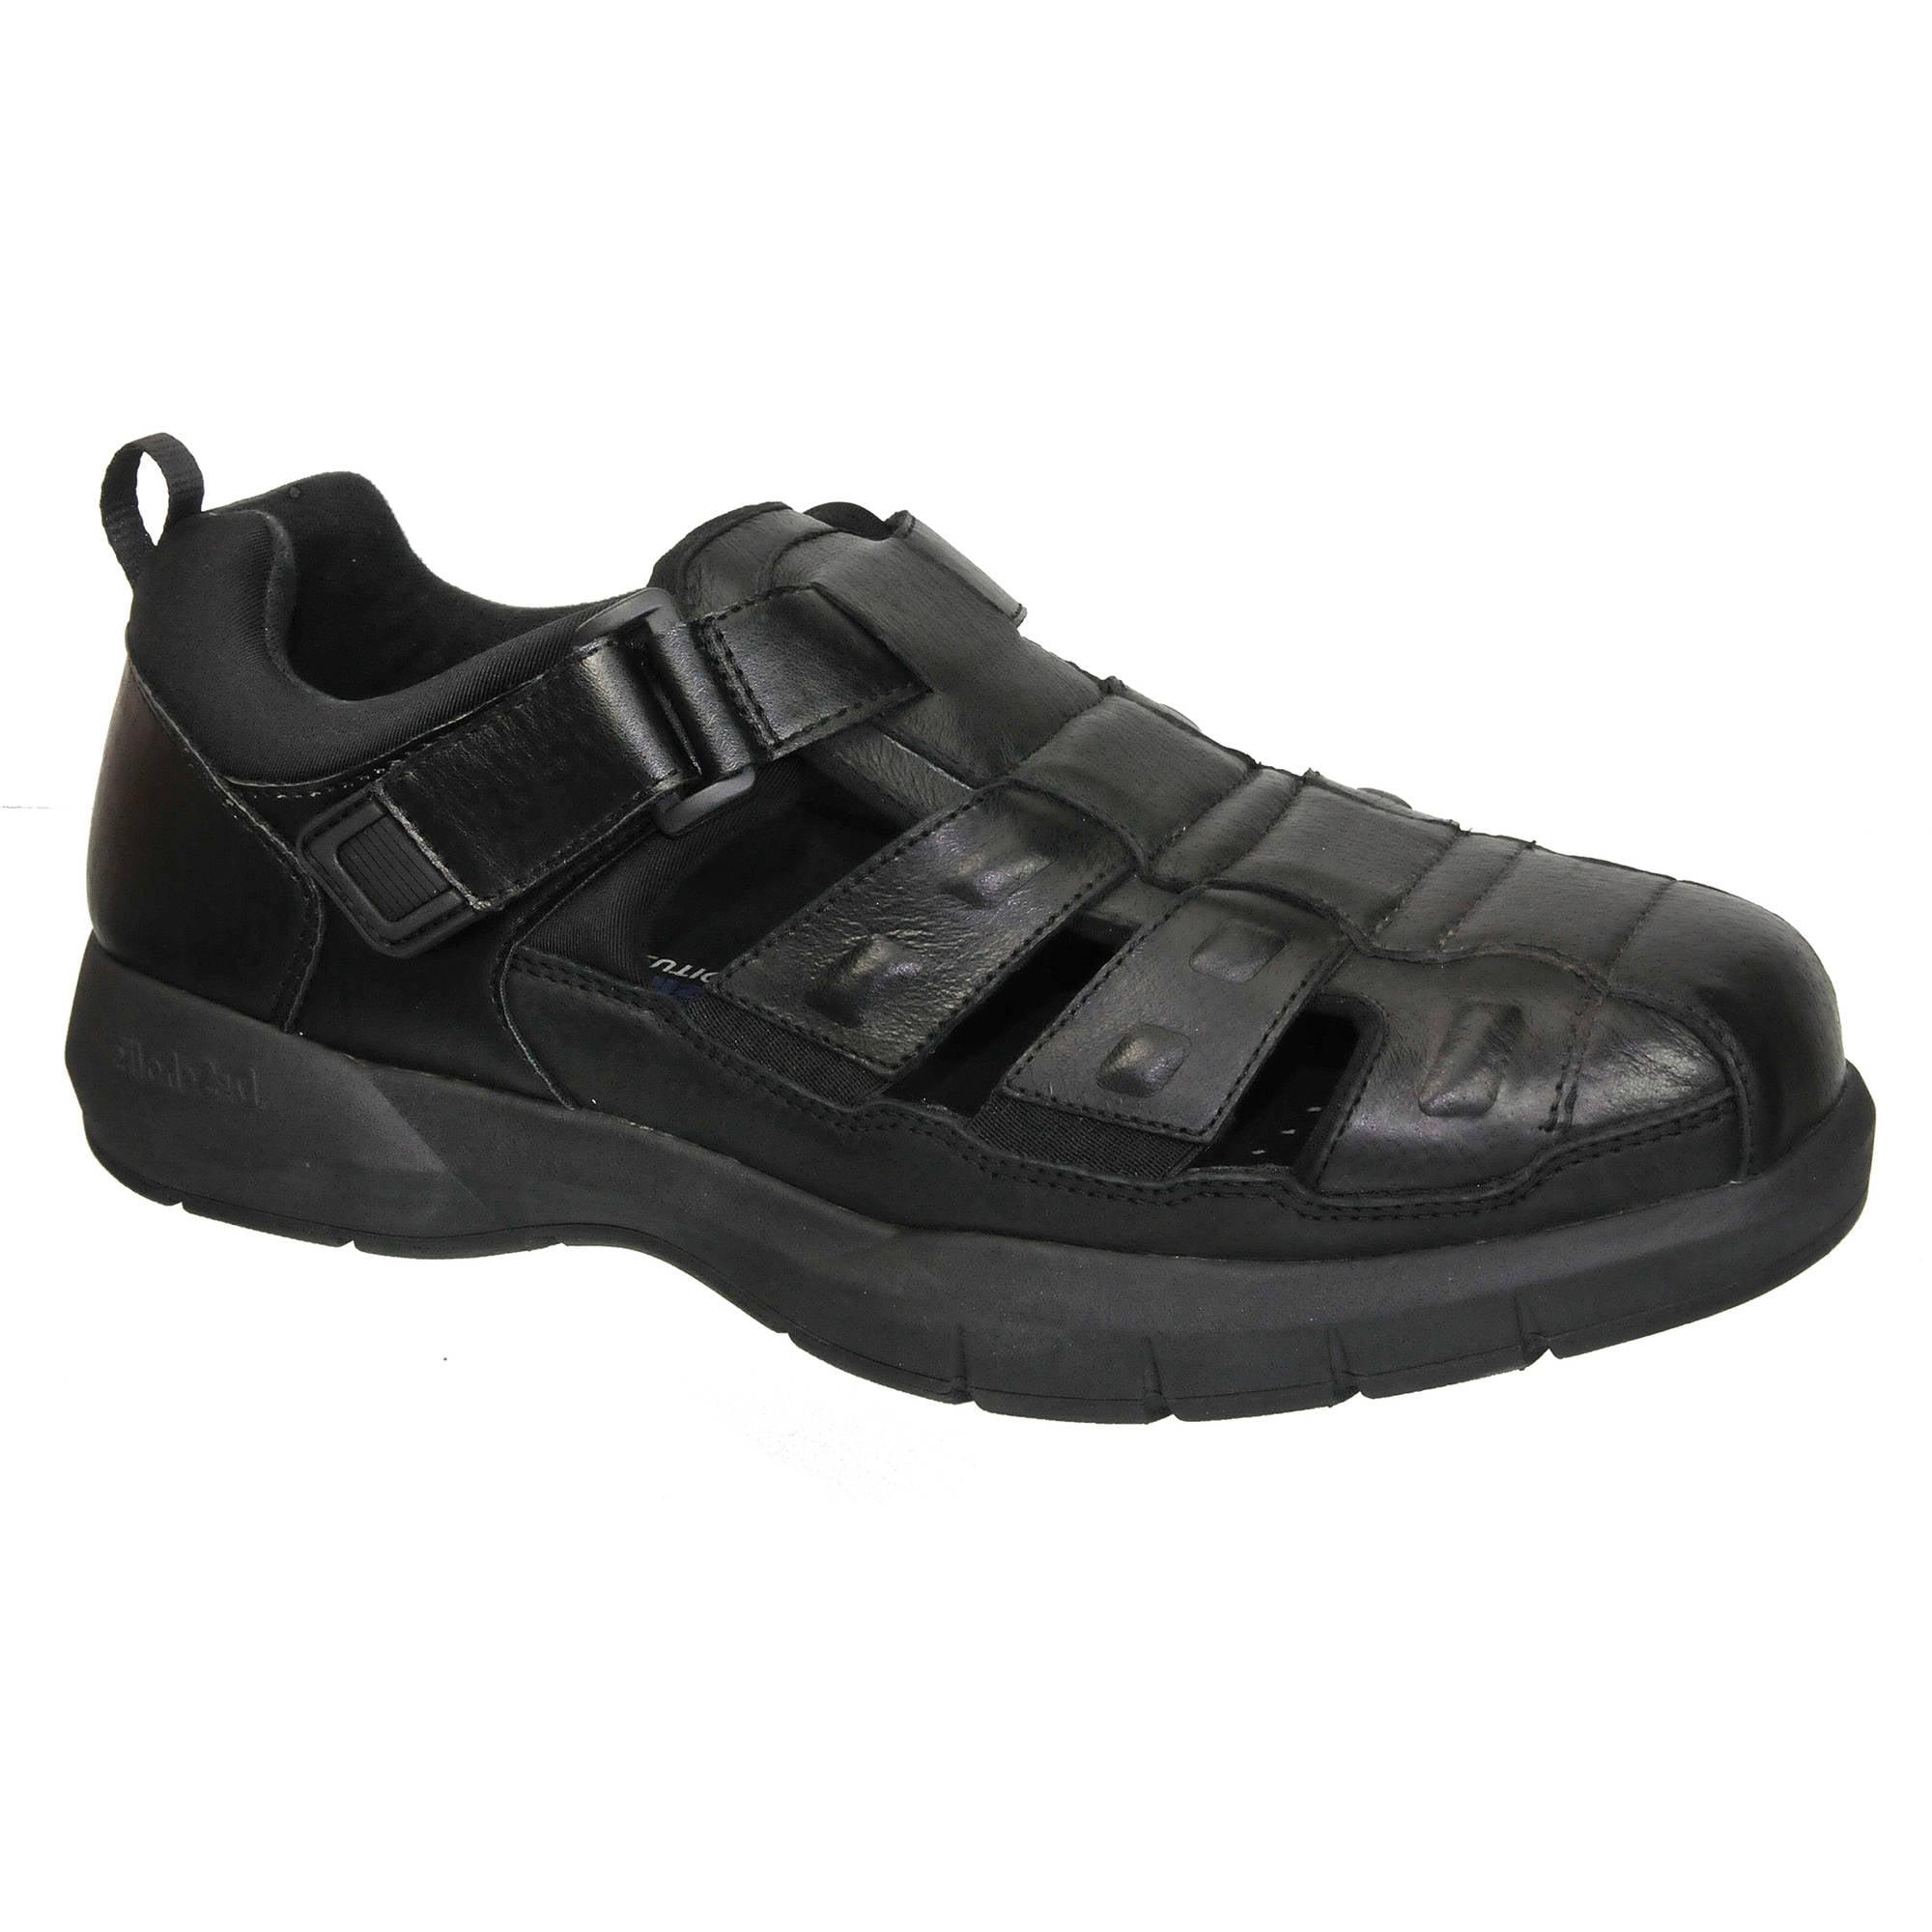 Dr. Scholl's Men's Santour Therapeutic Casual Shoe